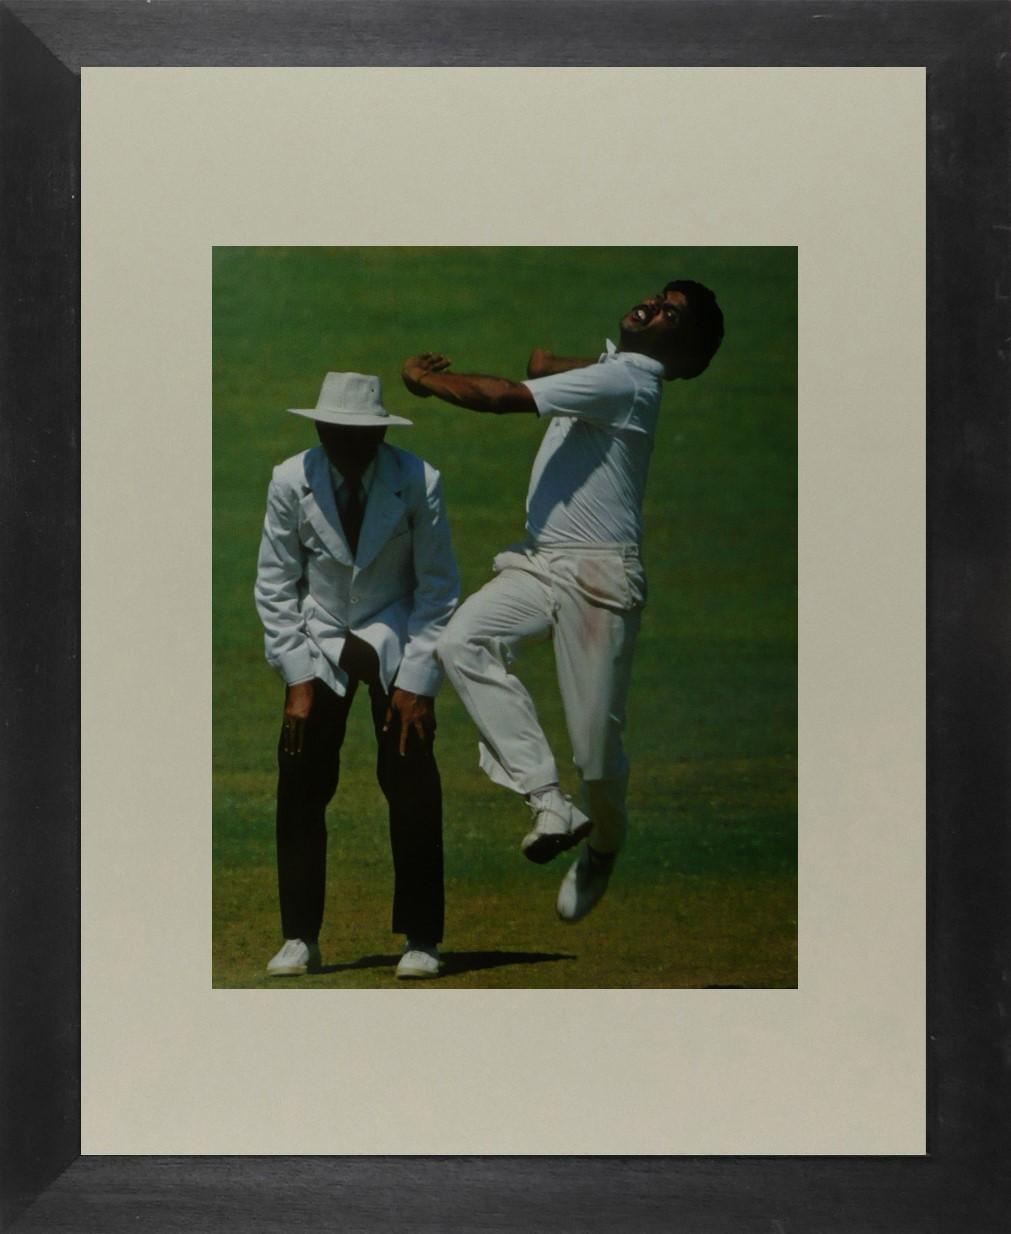 Kapil Dev (Cricket) - Framed Picture 11 x 14